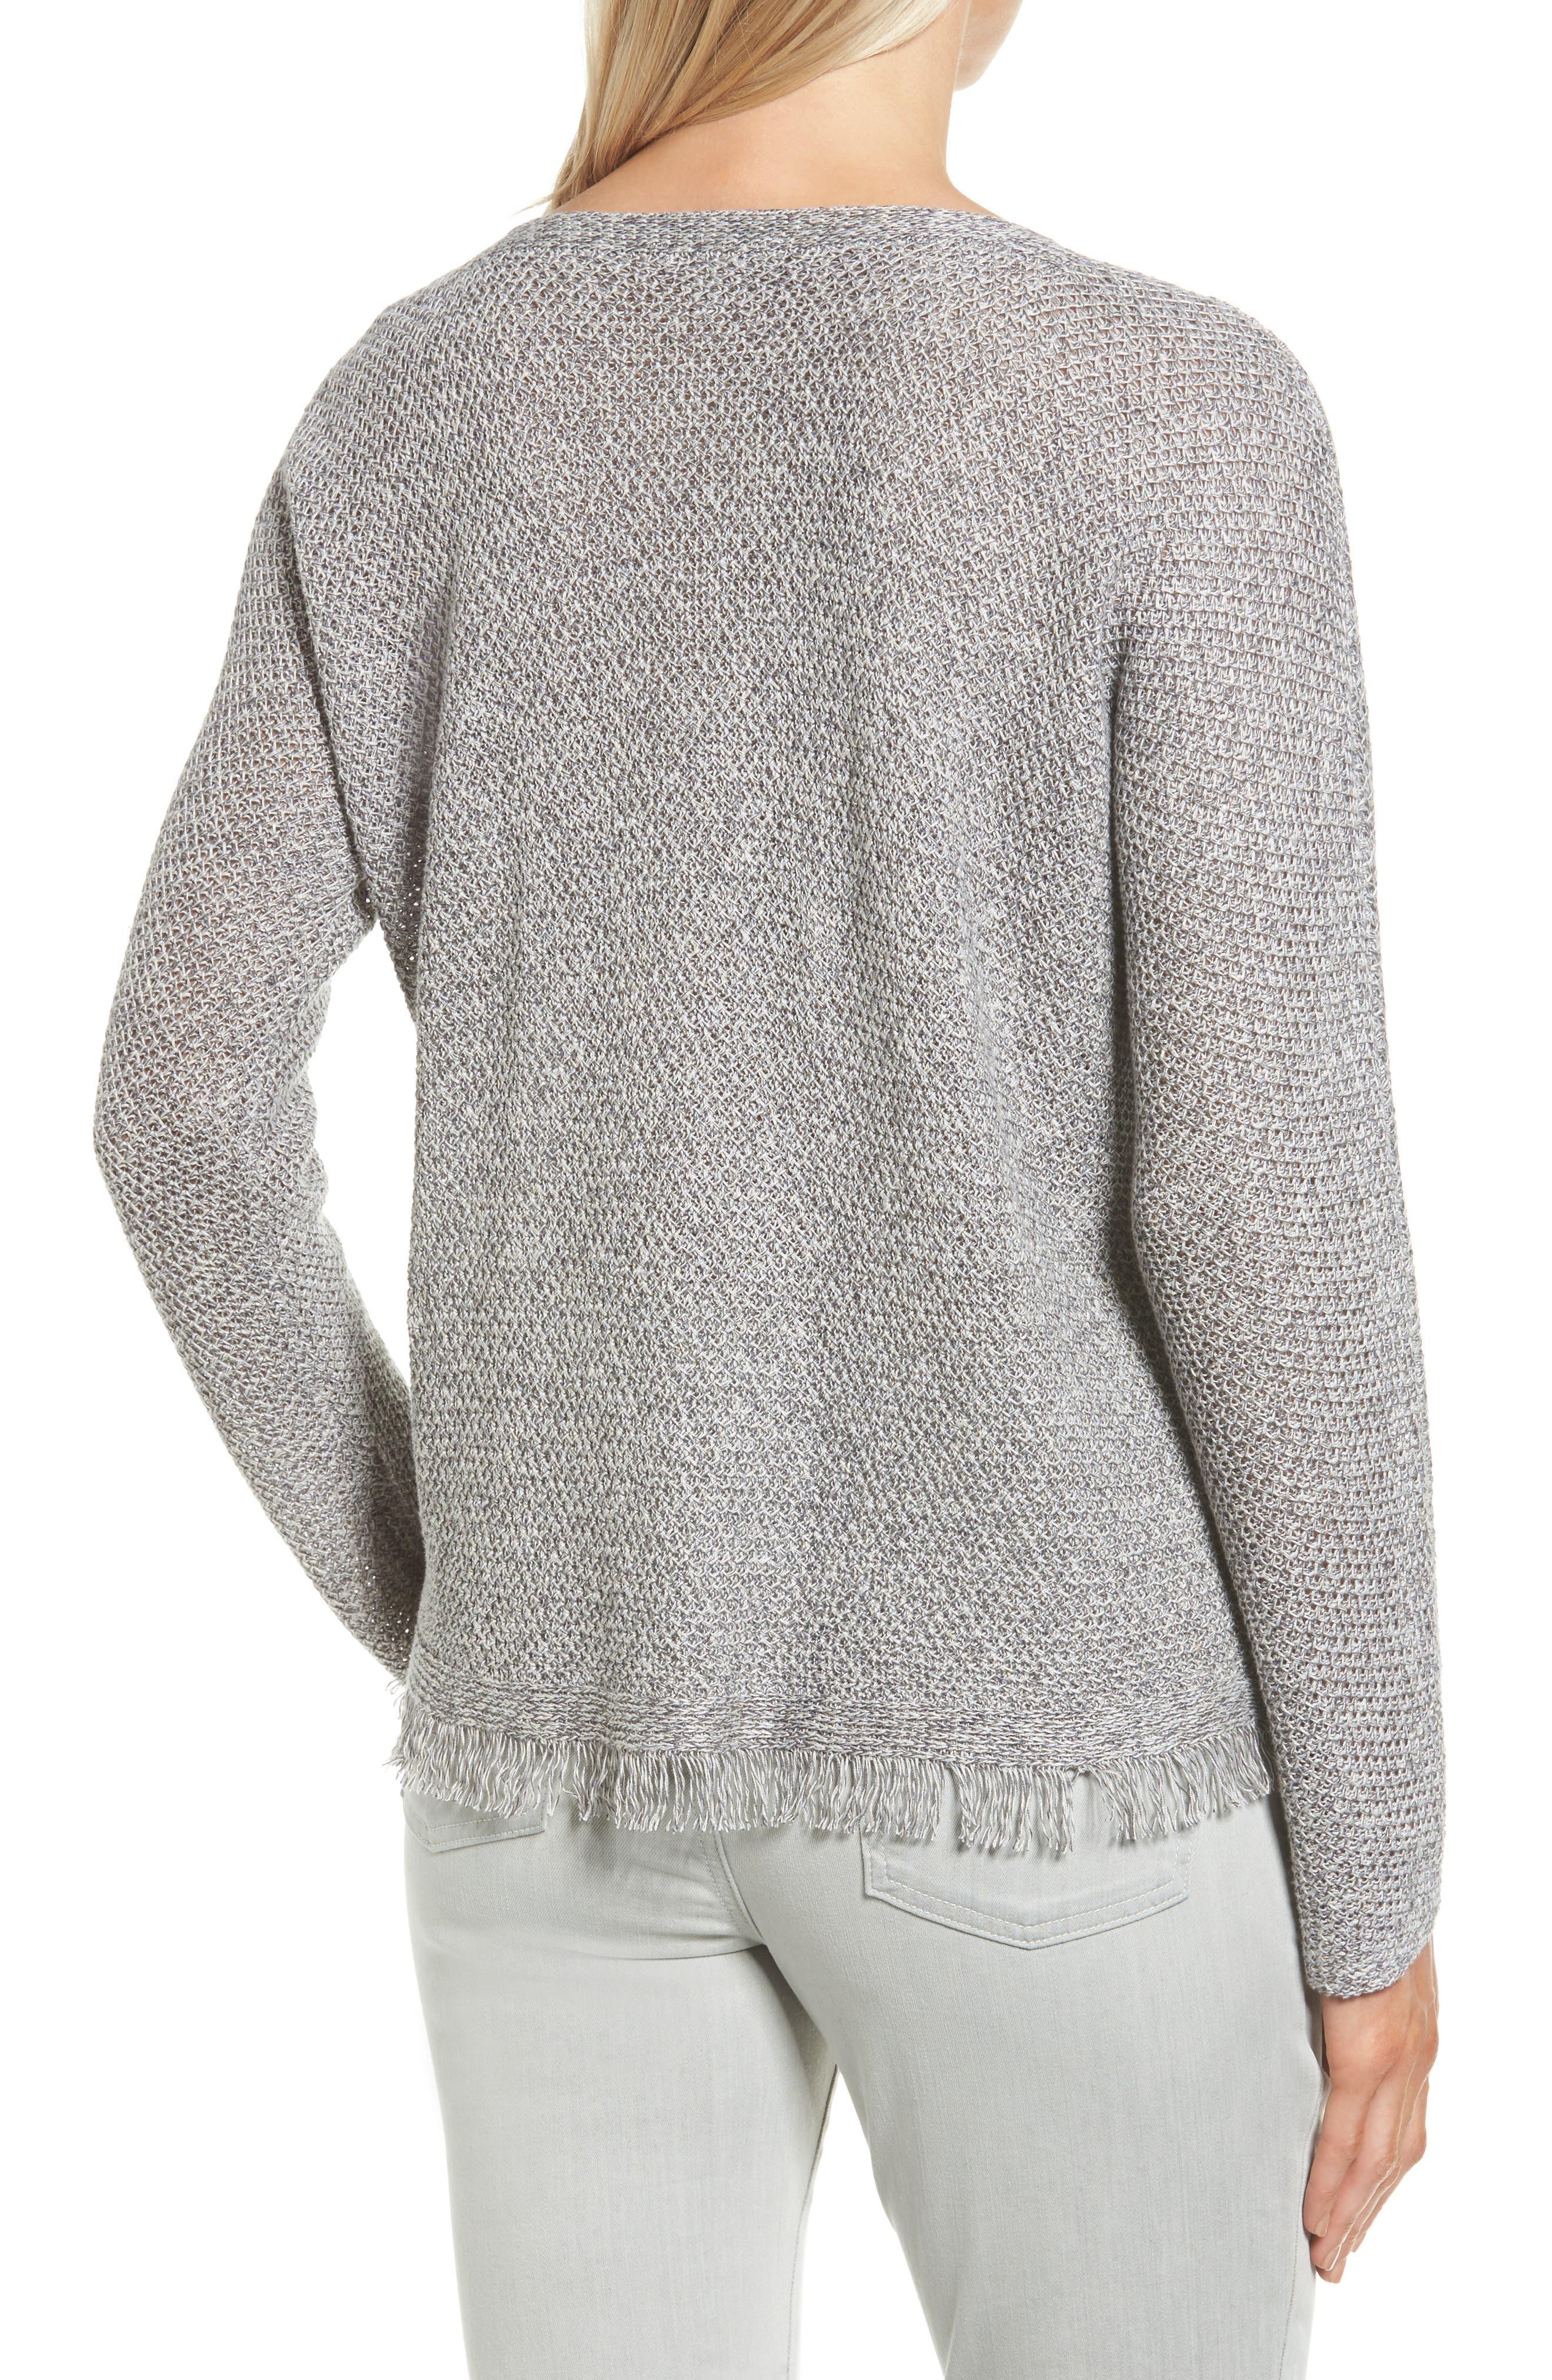 Alternate Image 2  - Eileen Fisher Organic Linen Pullover (Regular & Petite)